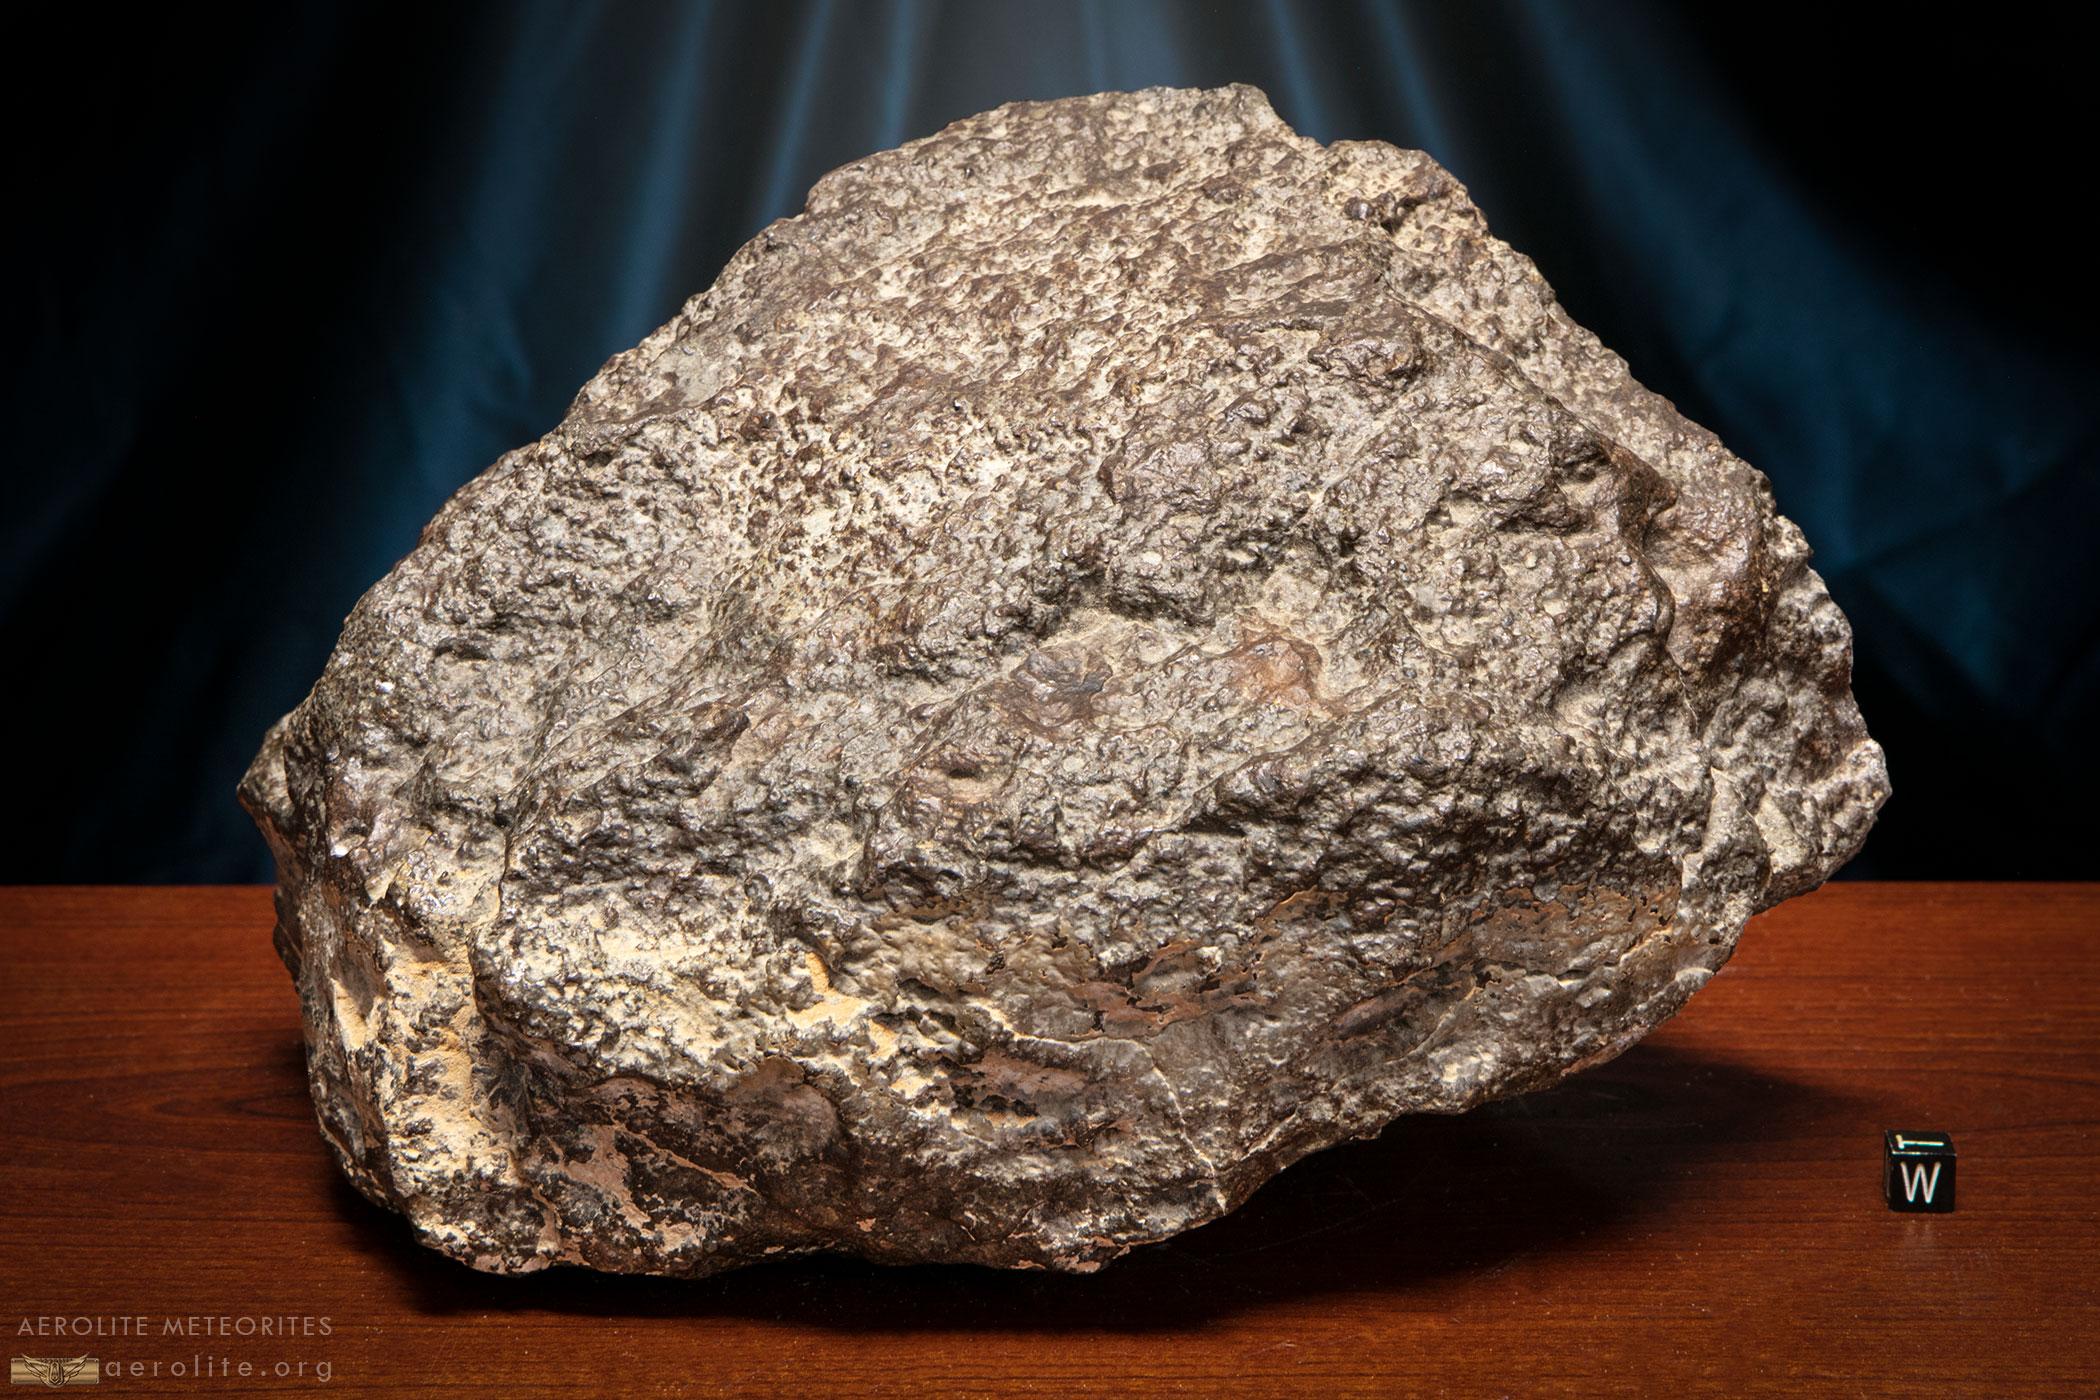 Stone Meteorite 869-13.2k-4